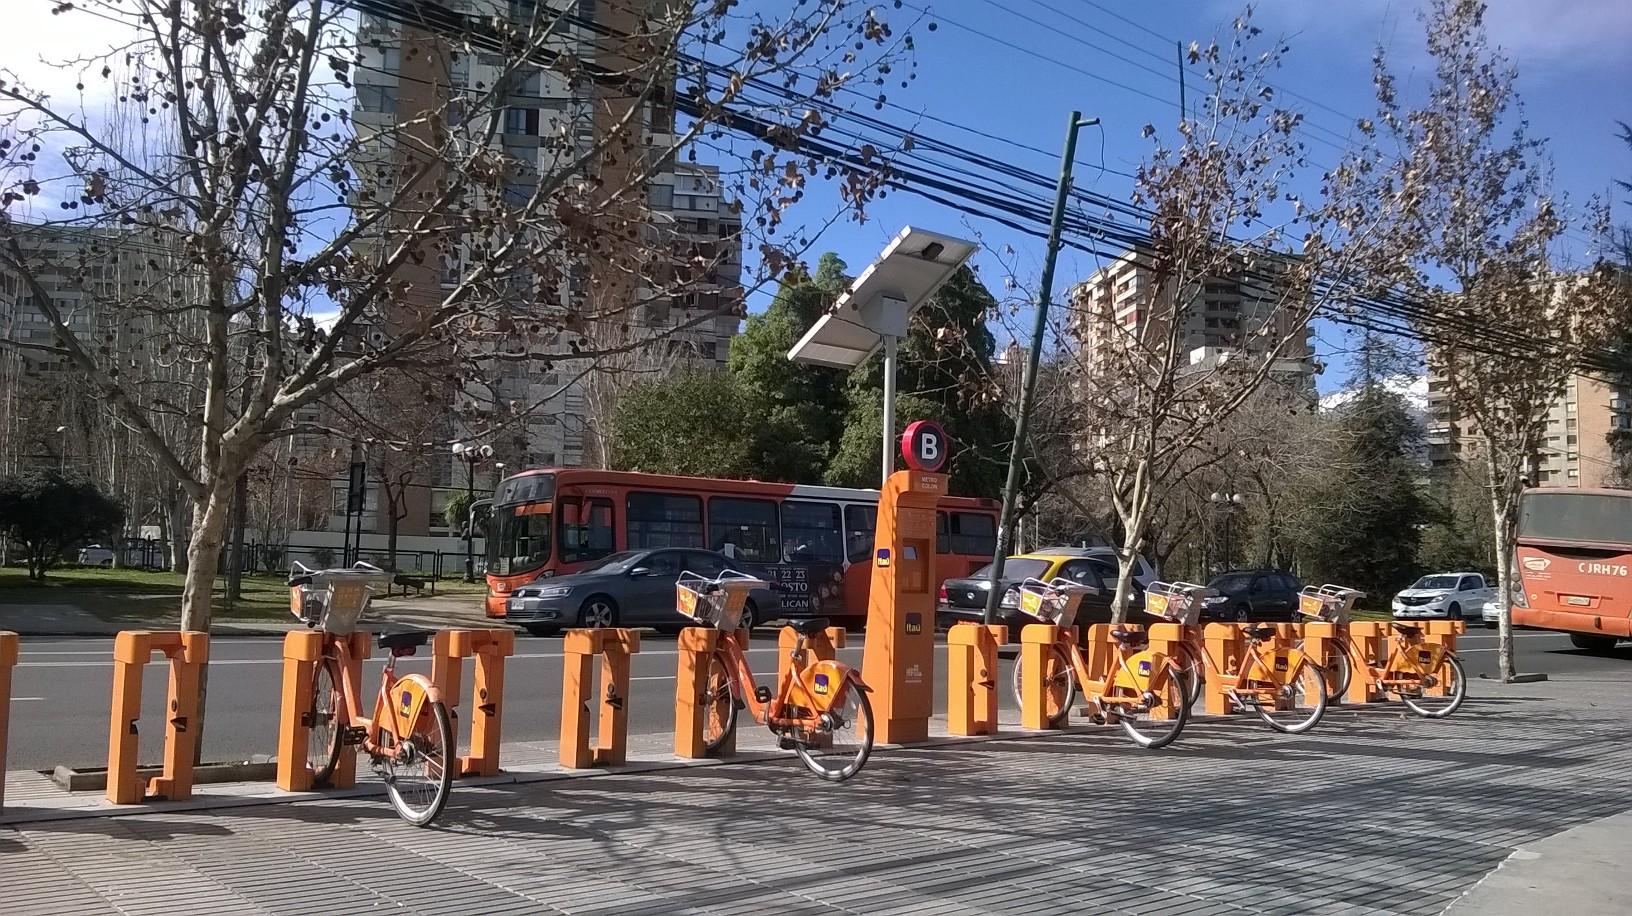 Bikesantiago enfrenta demanda colectiva presentada por el Sernac